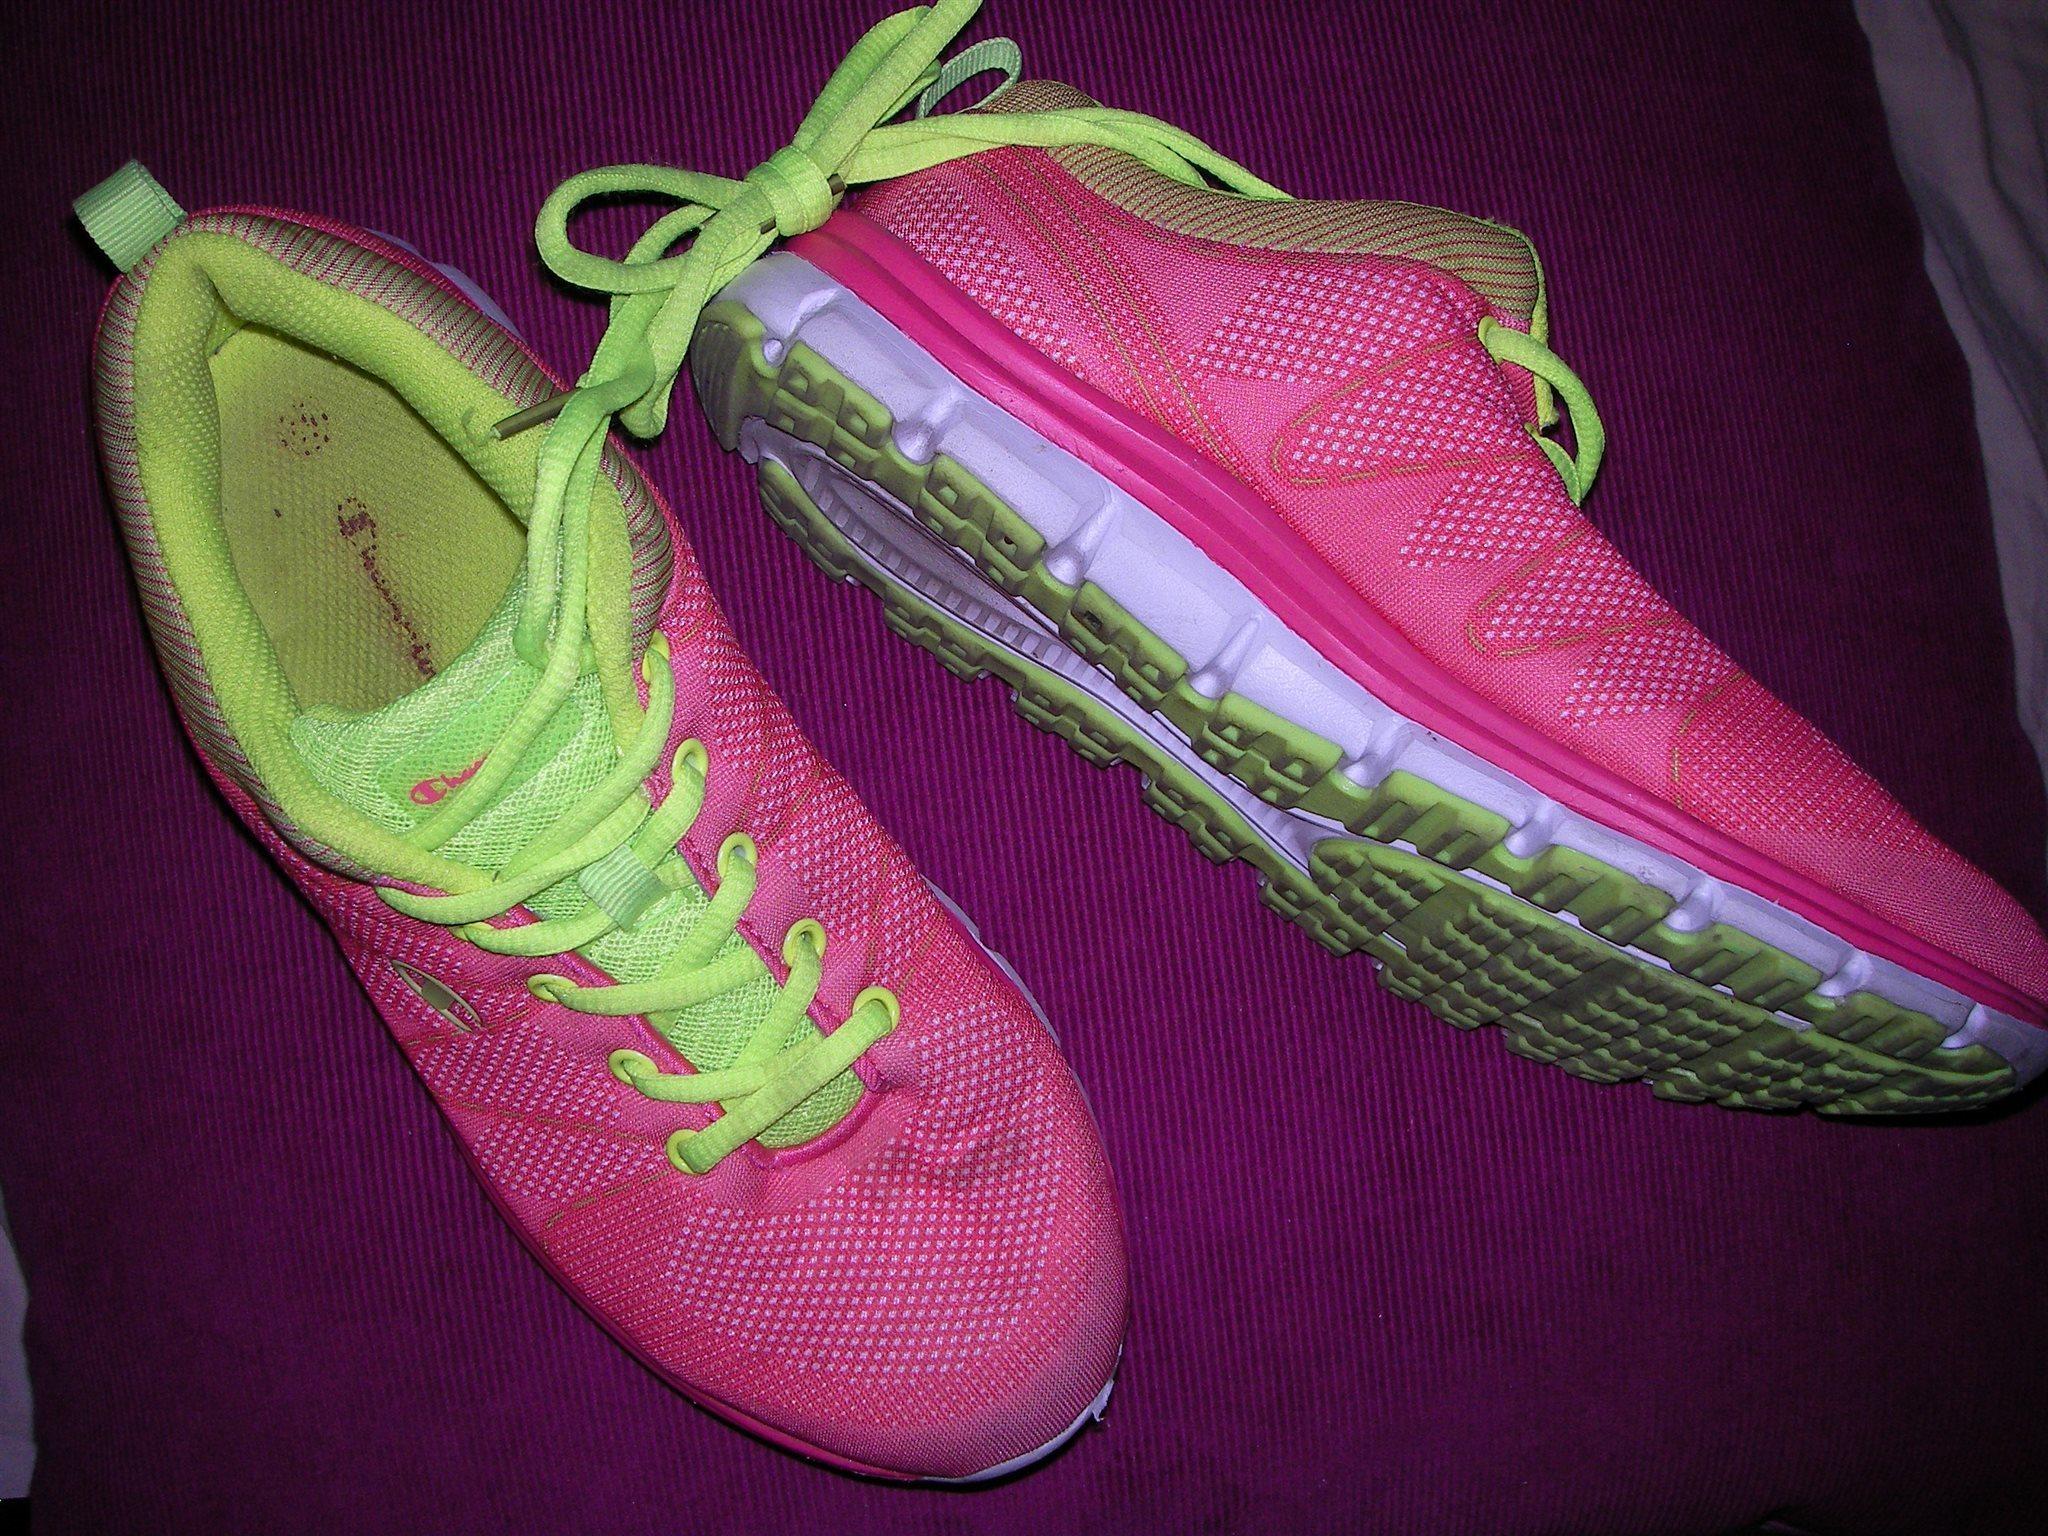 d8848279502d2b Champion jogging skor stl 38 (340517022) ᐈ Köp på Tradera